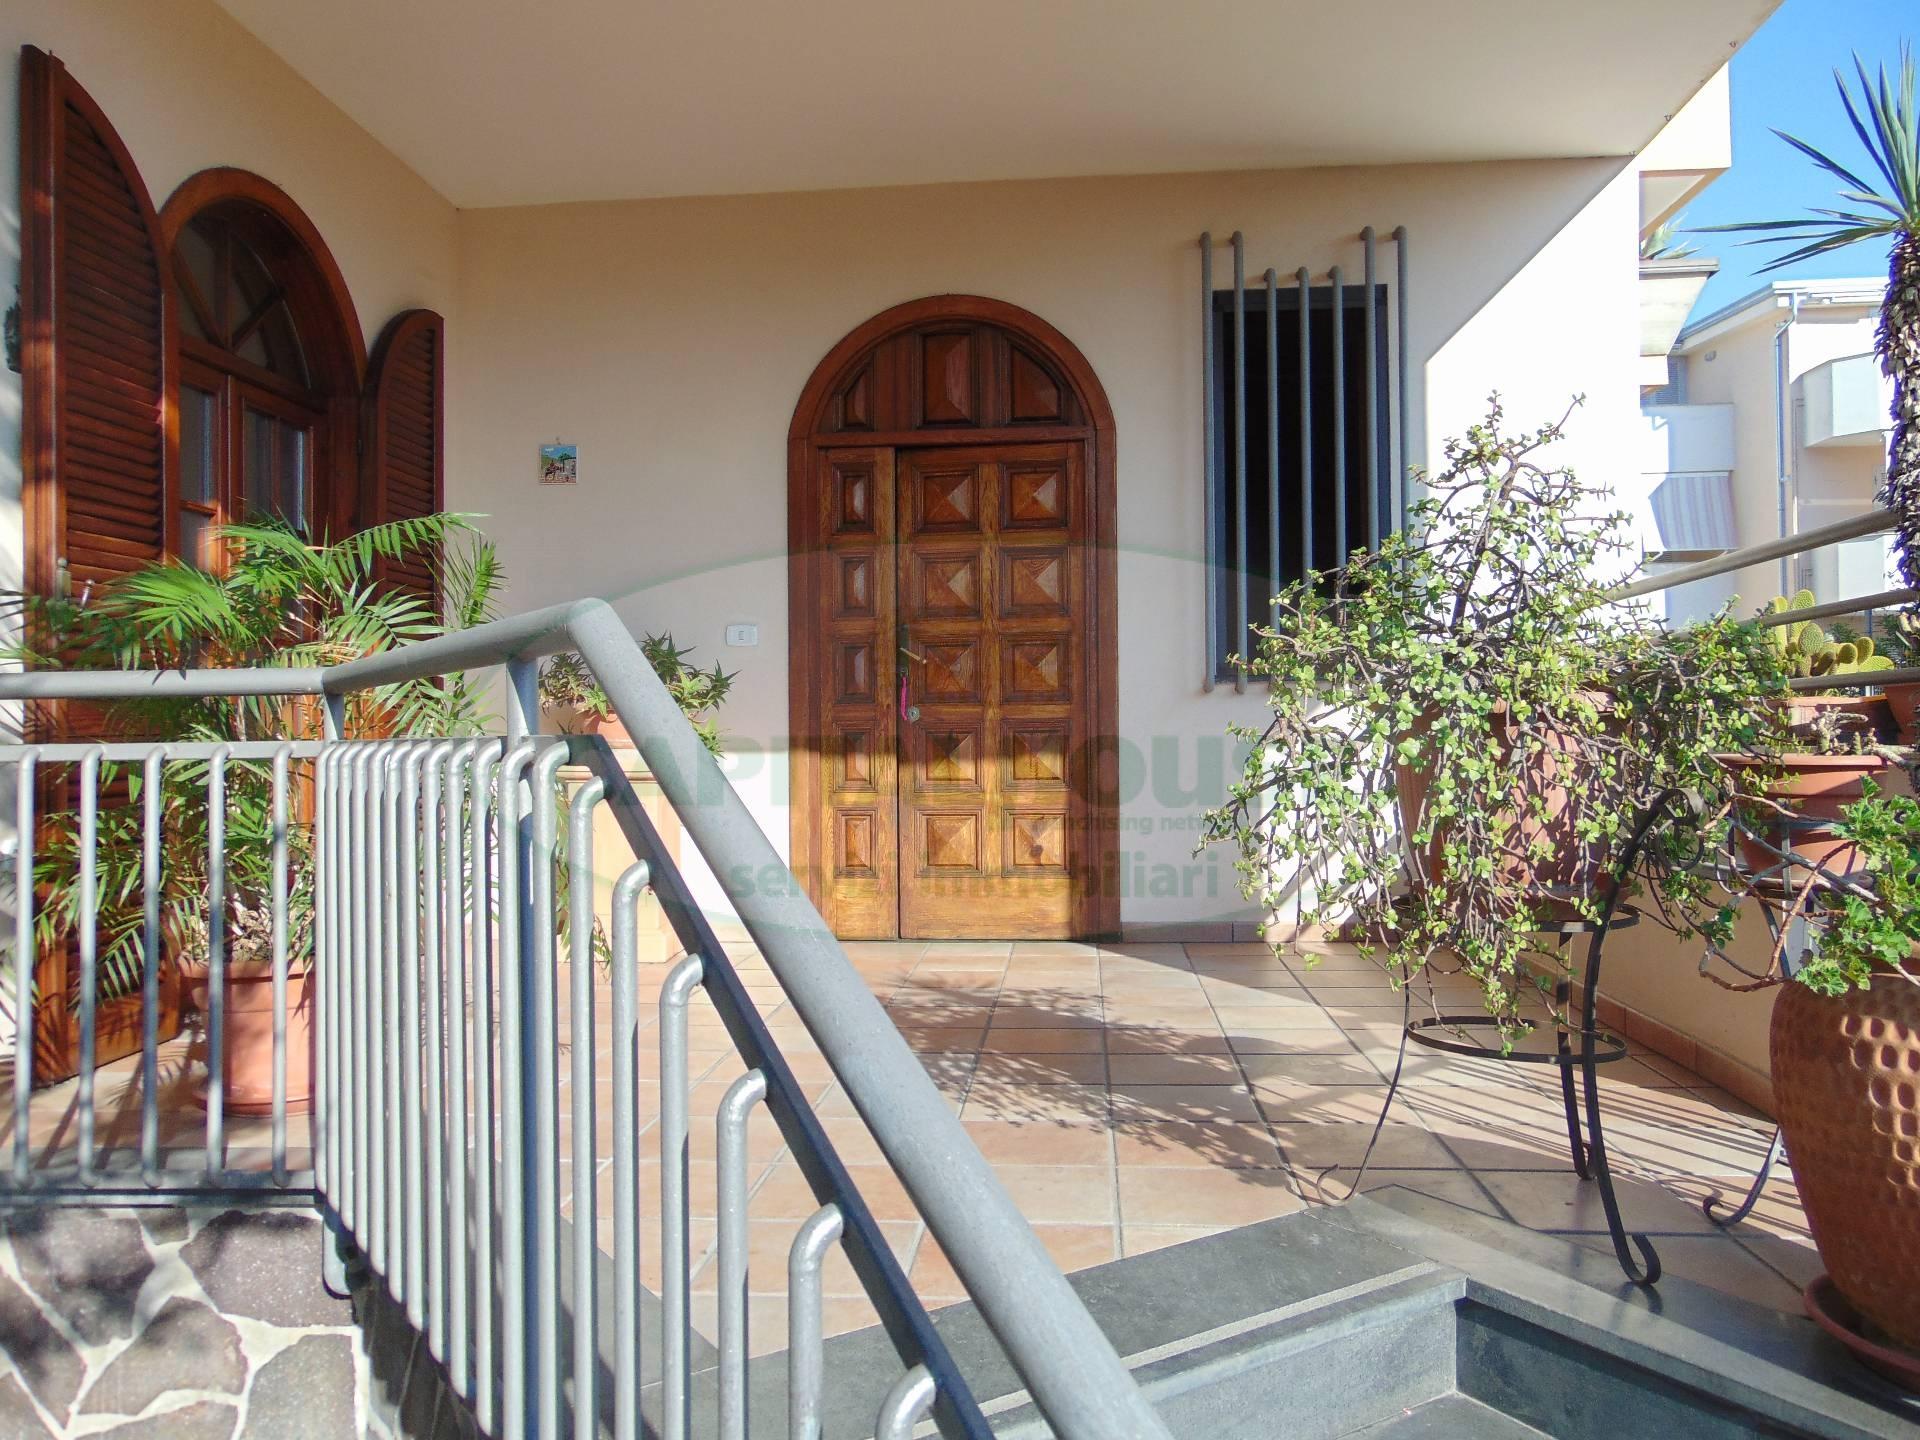 Villa in vendita a San Prisco, 12 locali, zona Località: ZonaPiscina, Trattative riservate | CambioCasa.it